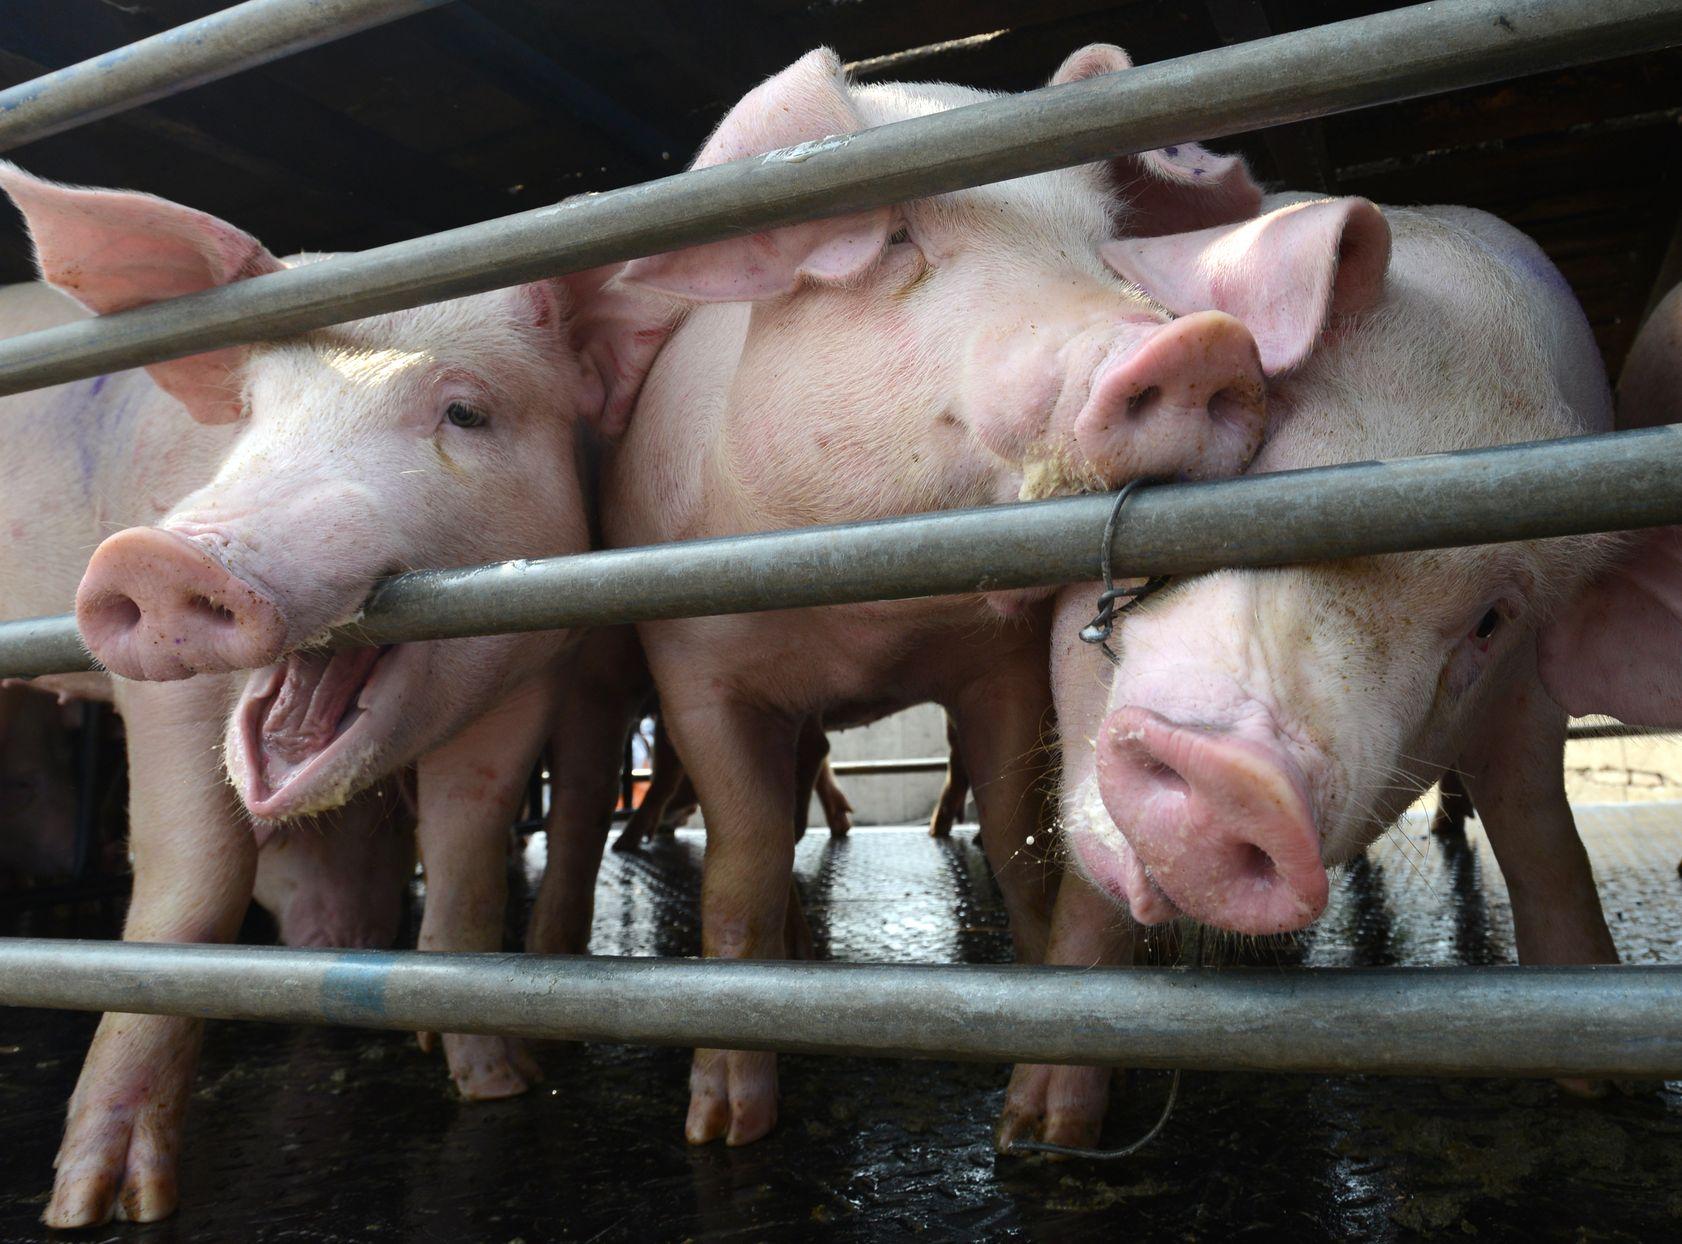 四川广安市近日截获一辆载有非洲猪瘟患病猪只的运猪车。资料图片